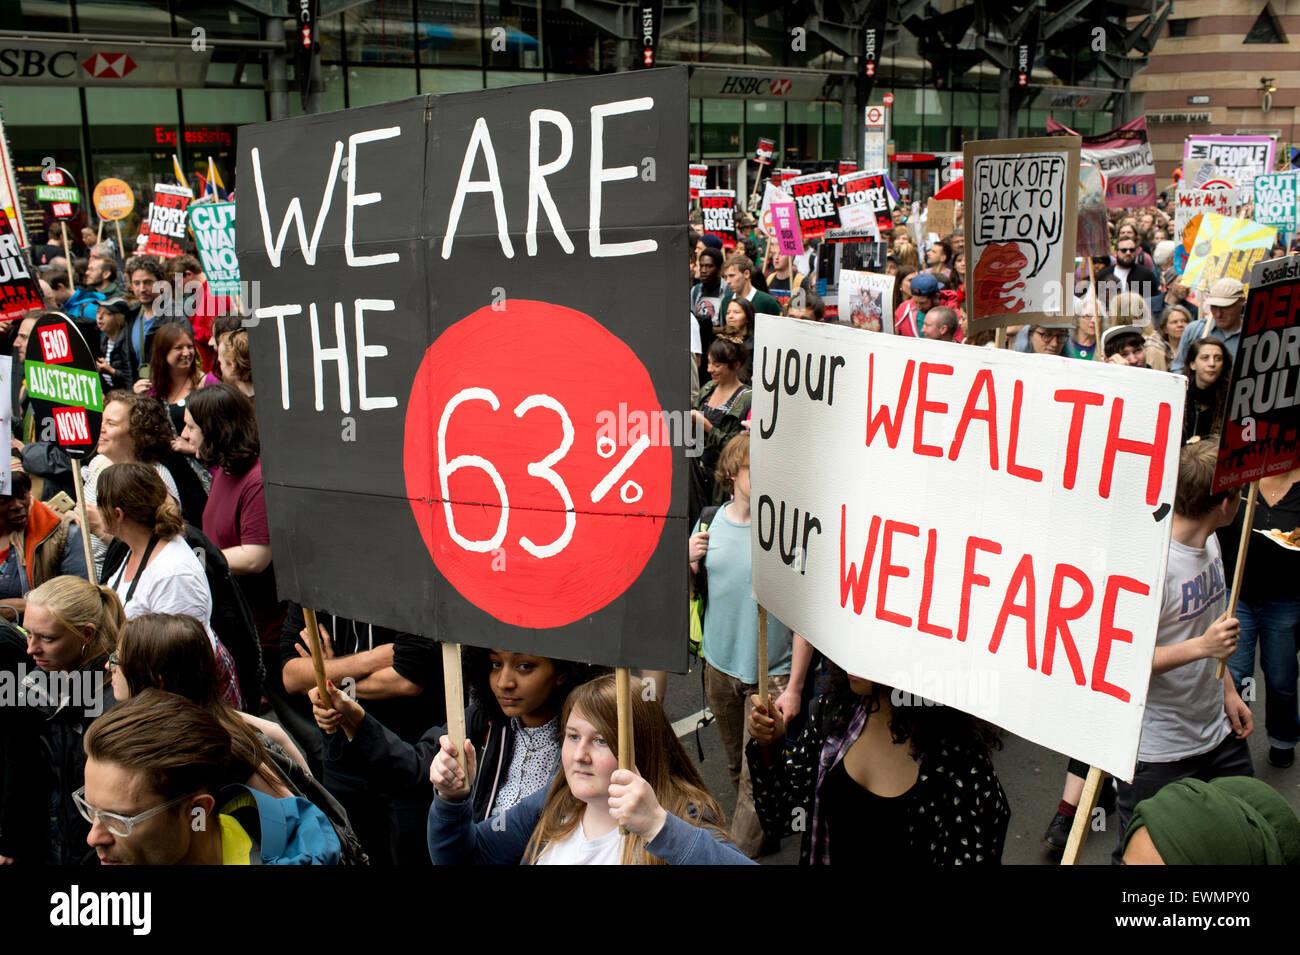 Marche contre l'austérité, Londres 20 juin 2015. Un manifestant tient une pancarte disant 'nous Photo Stock